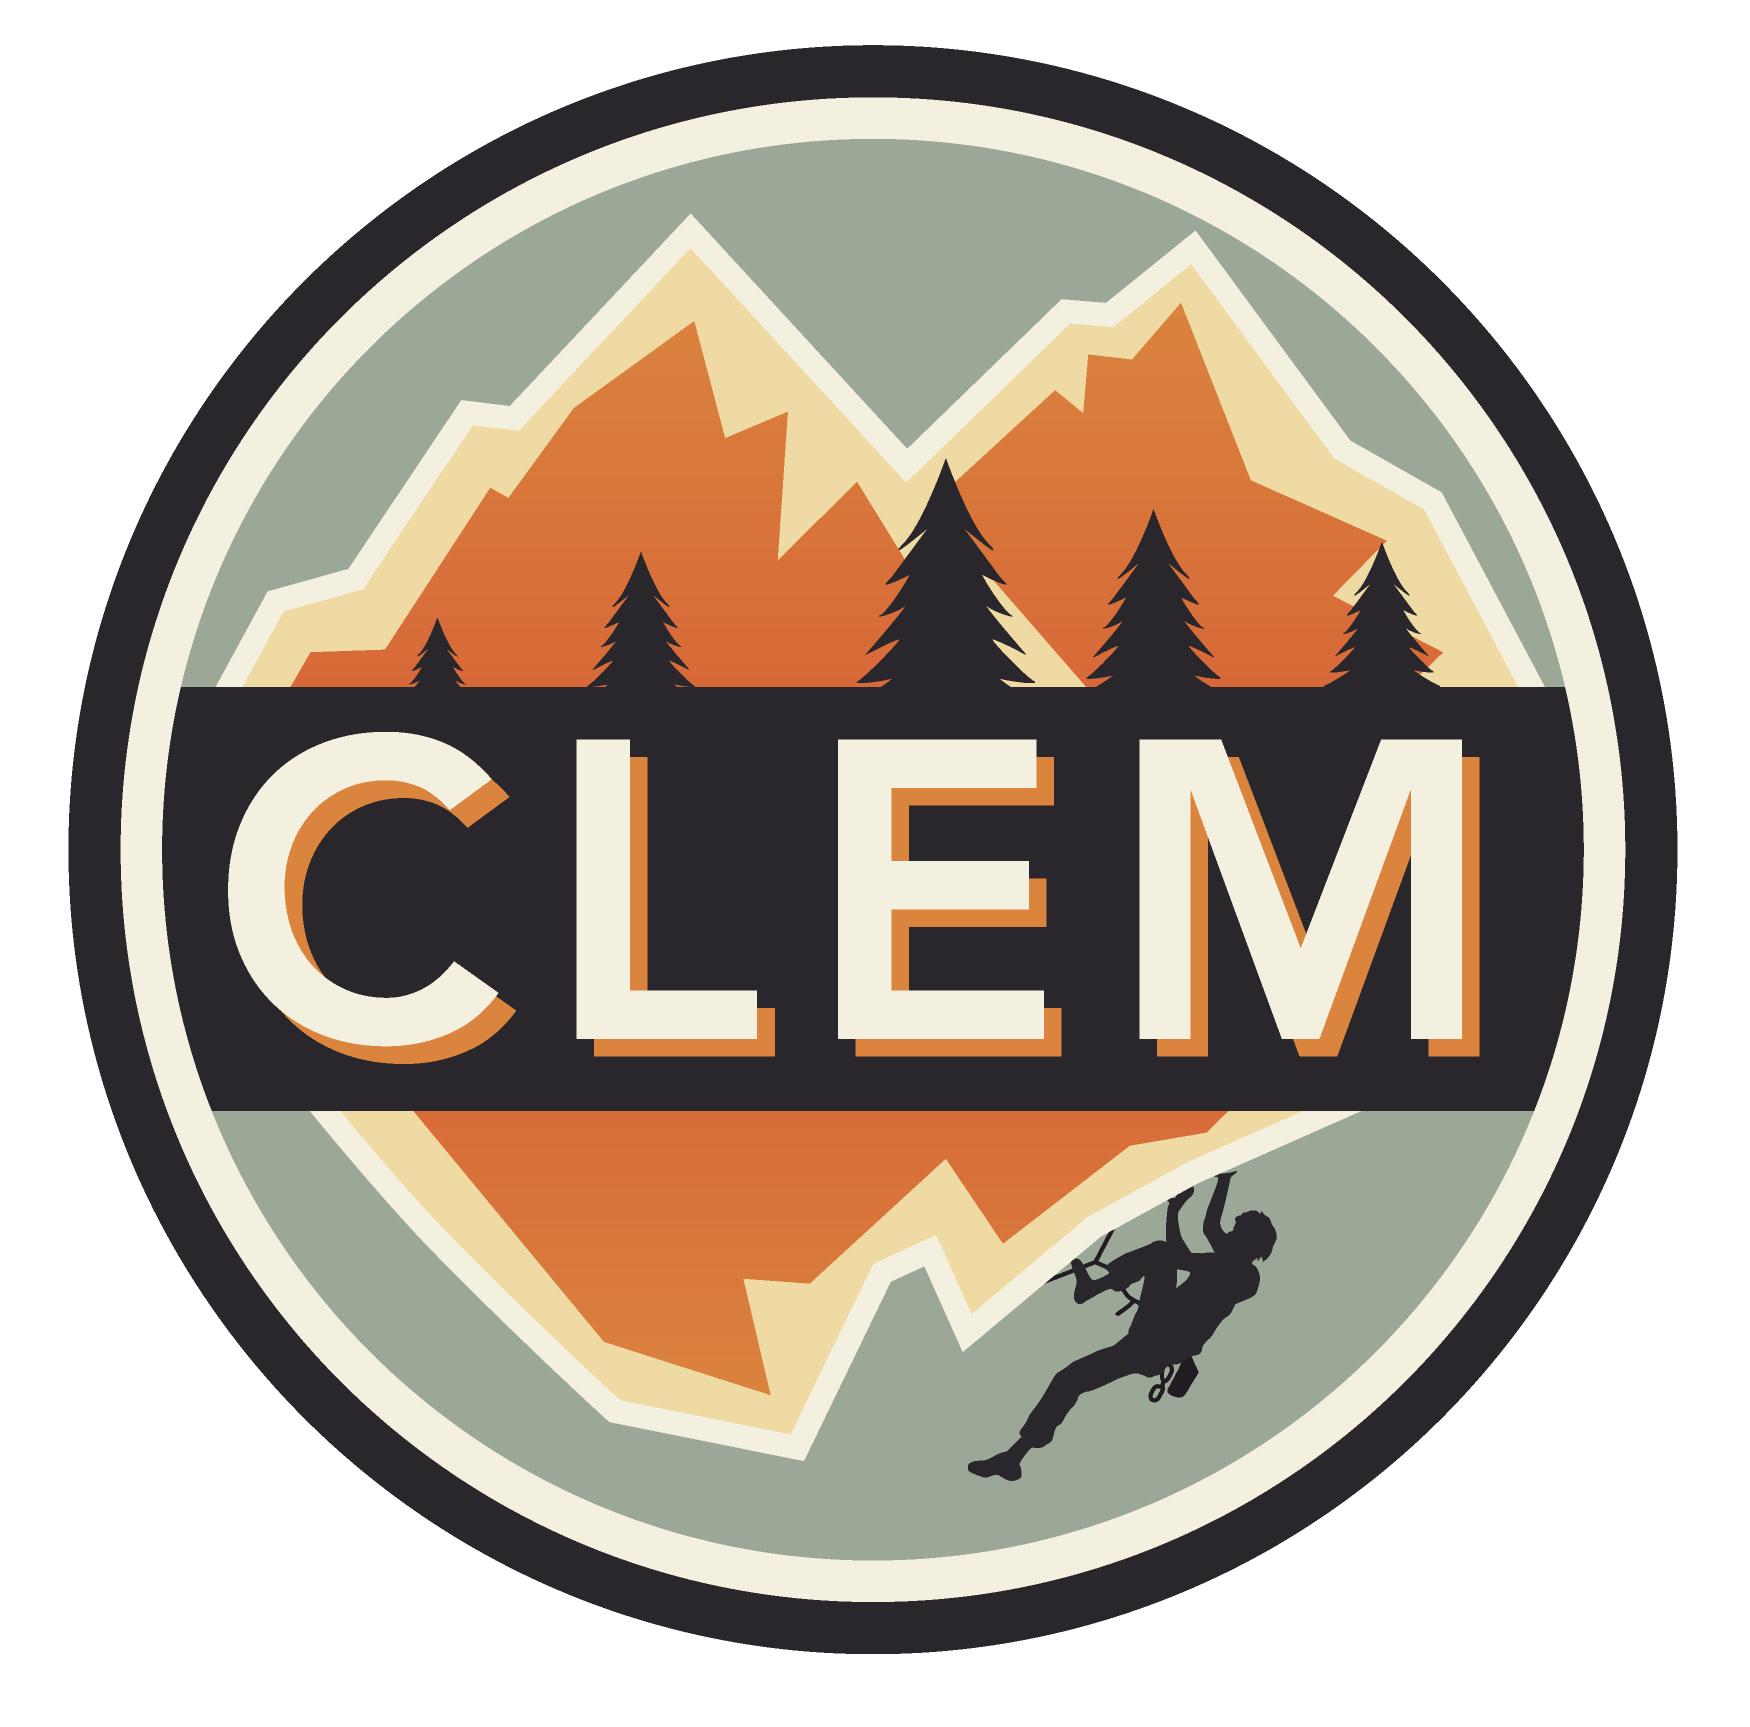 Clem concours logo 1O